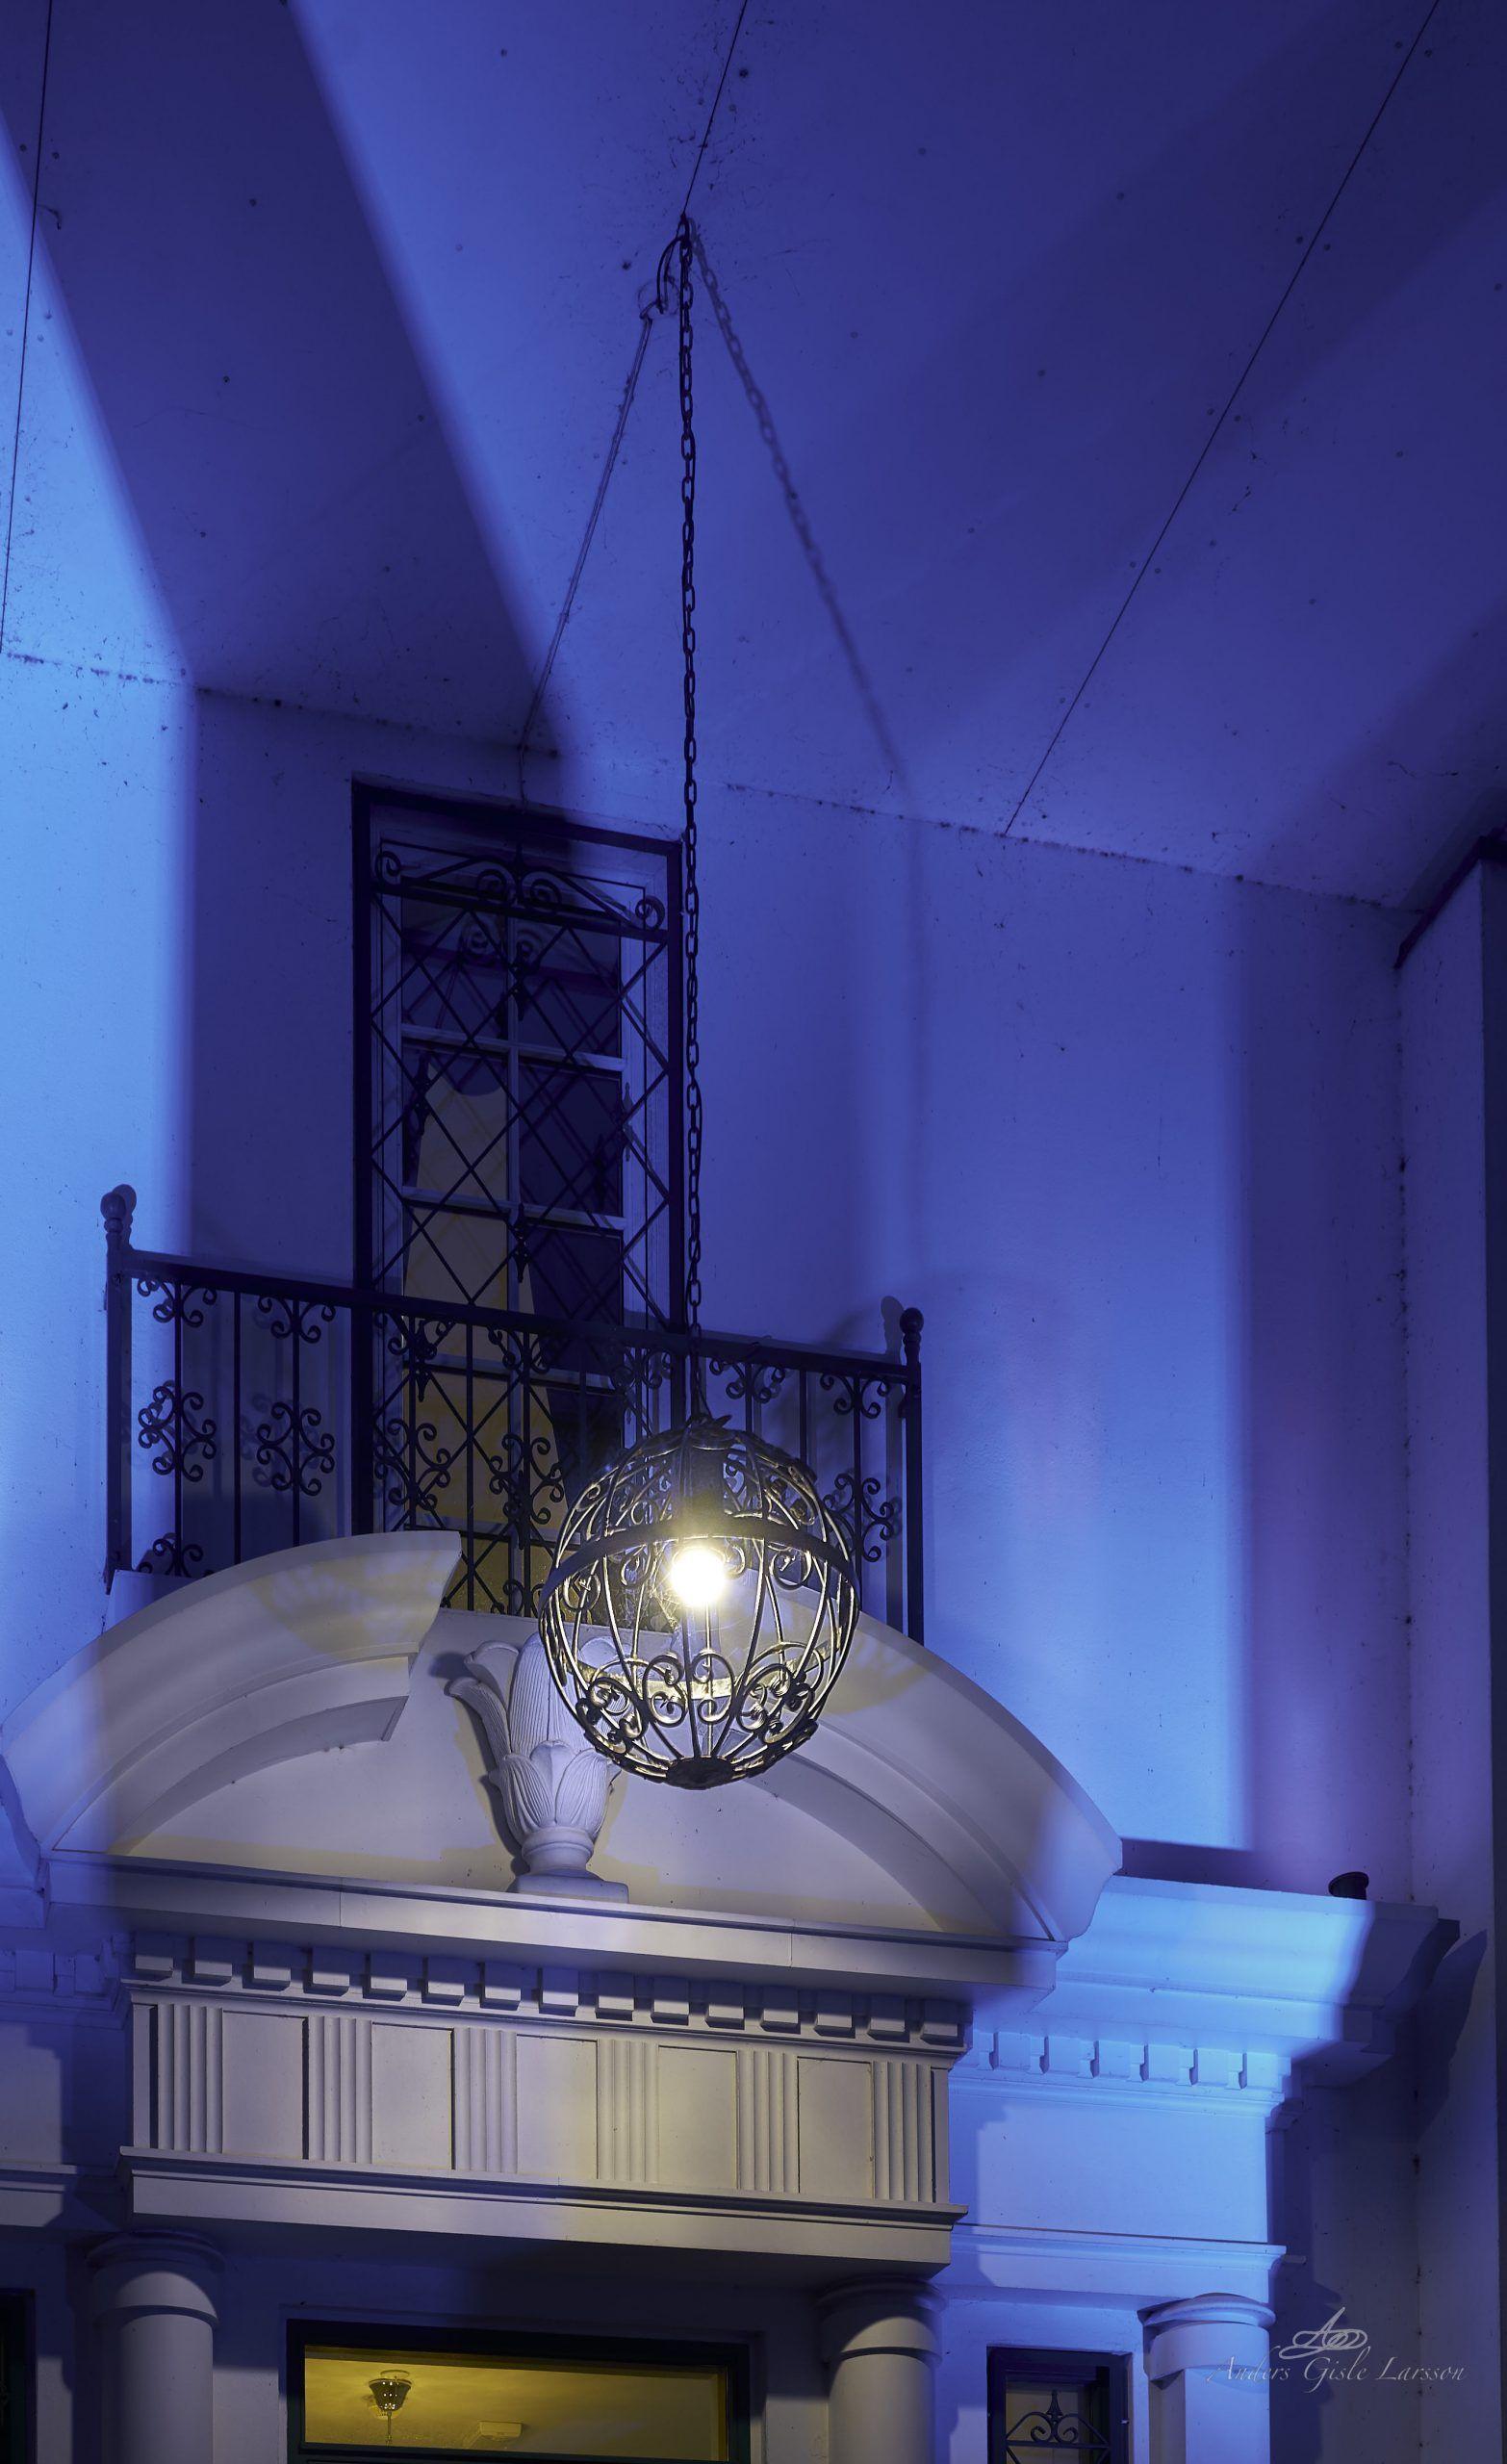 Graceland Lights, 317/365, Uge 46, Memphis Mansion, Randers